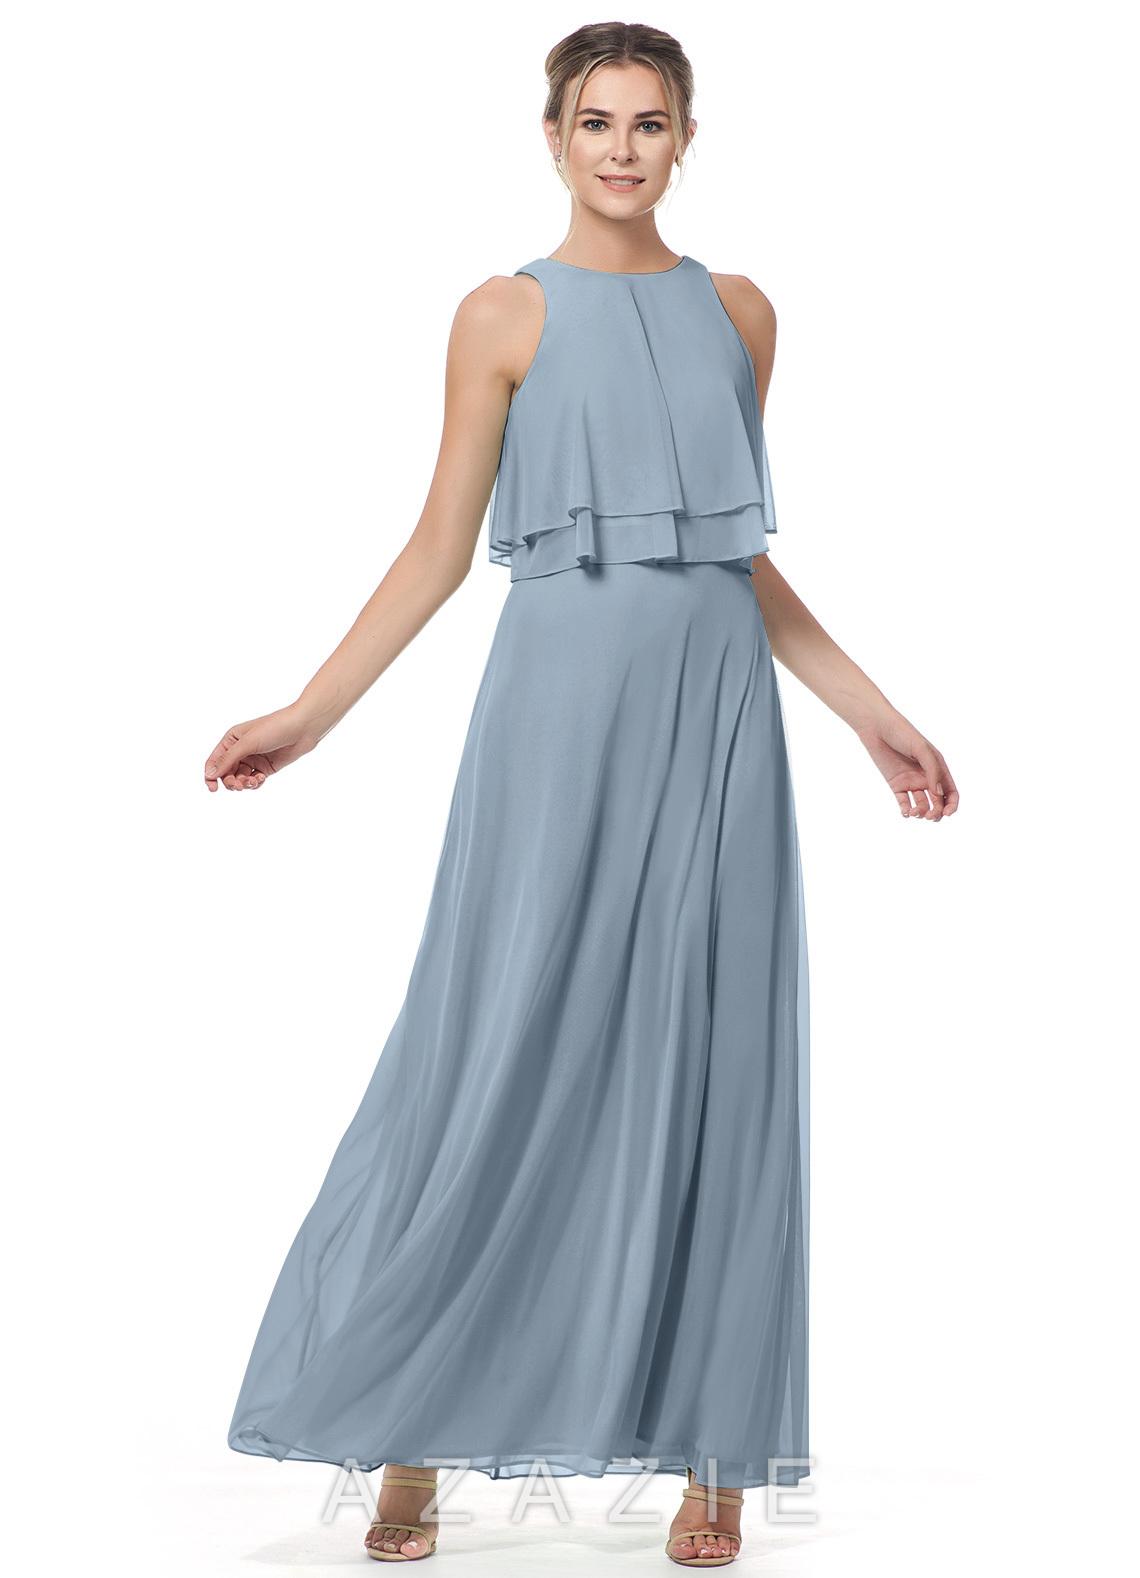 Azazie Genesis Bridesmaid Dress  fa408e95d